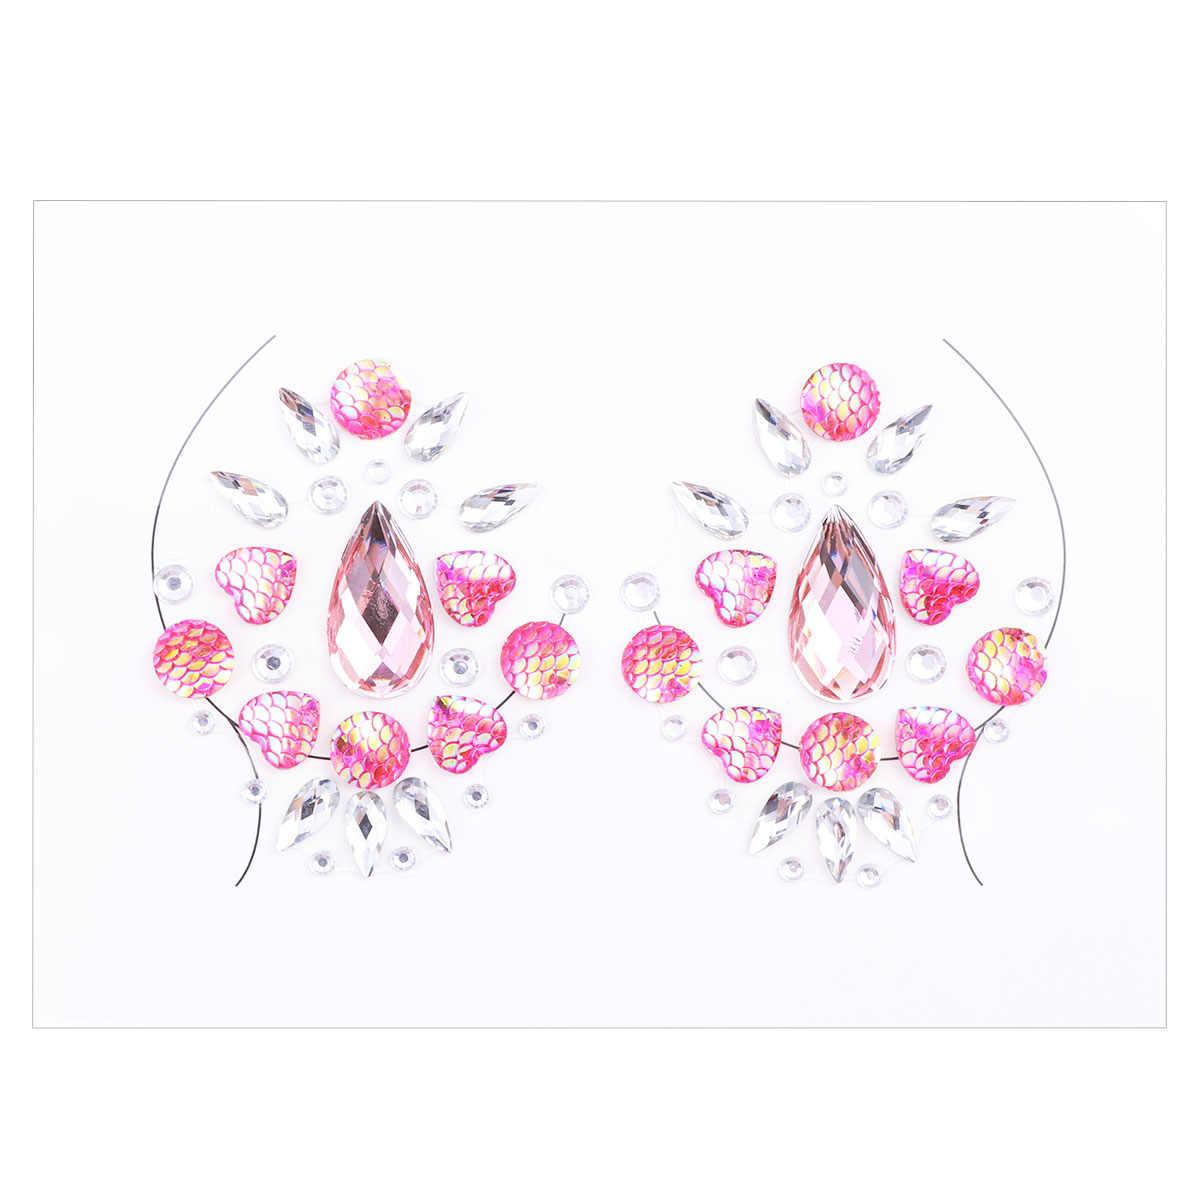 سيدة كريستال الثدي فطائر اللحم الاكريليك الماس الشائكة الفن كرنفال حزب الثدي ملصقات (روزي)